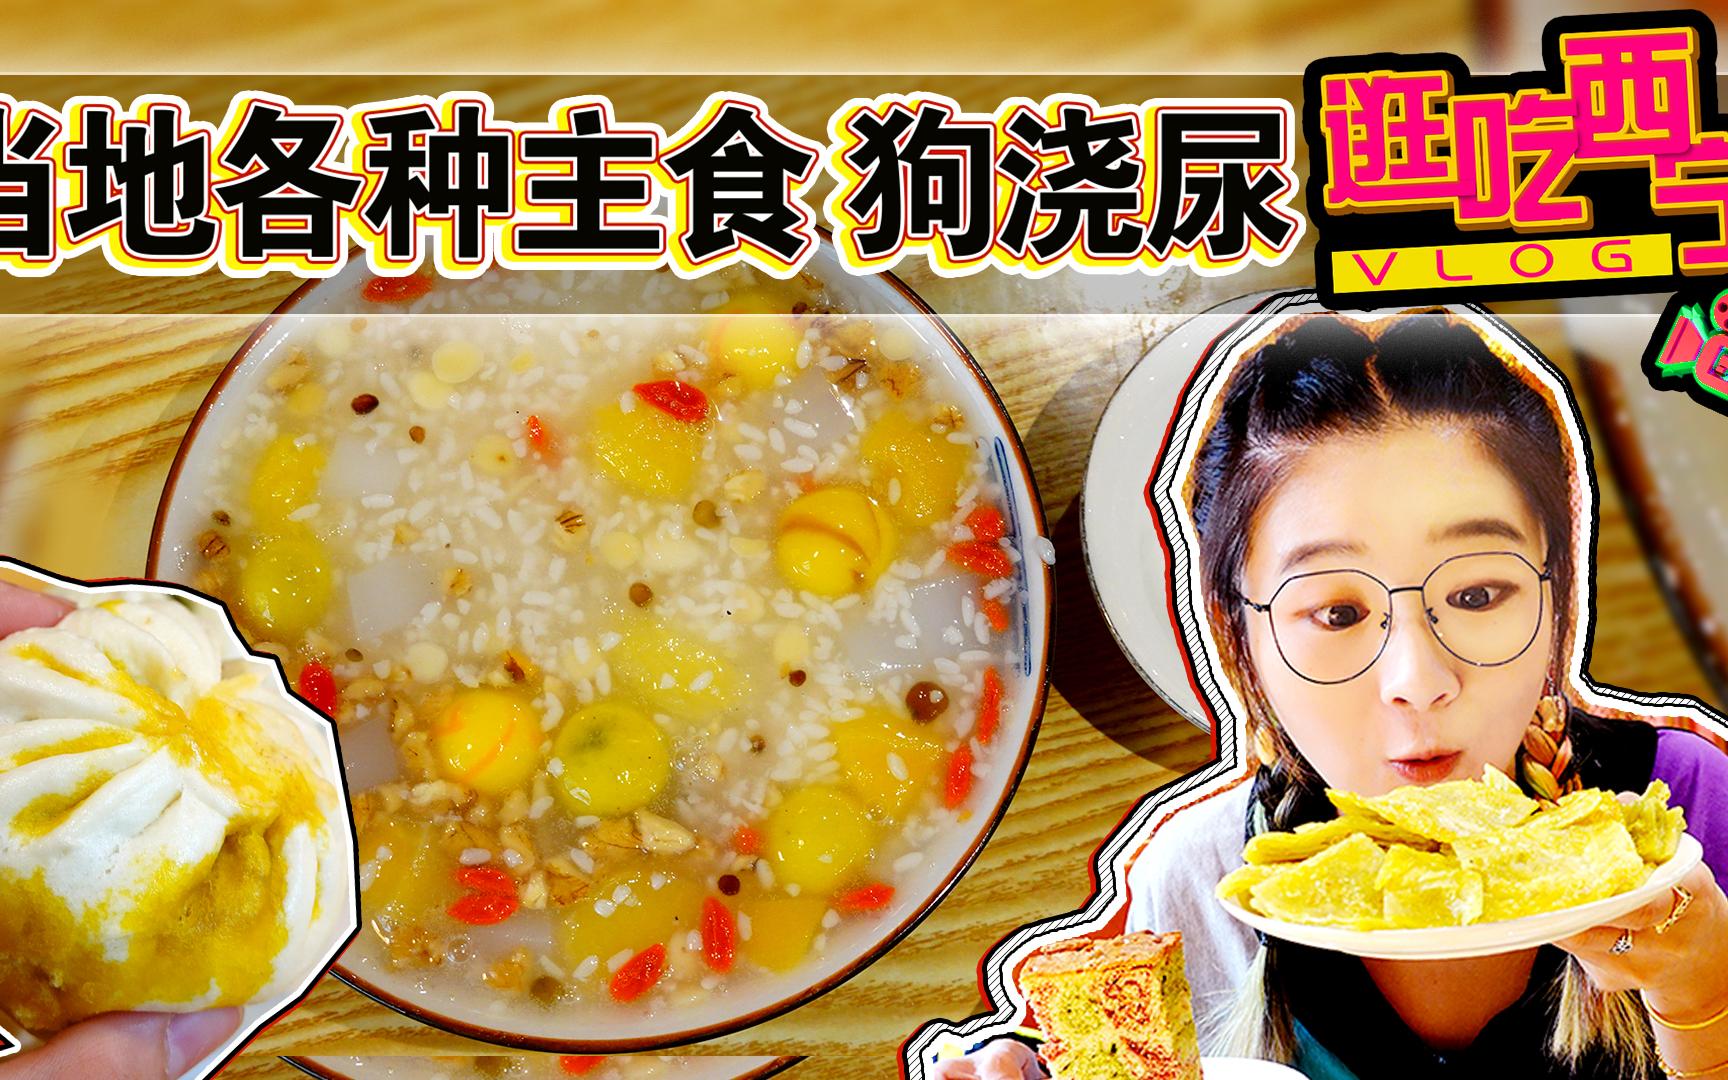 【逛吃西宁】早餐系列!当地特色主食、流油包子~狗浇尿可好吃!